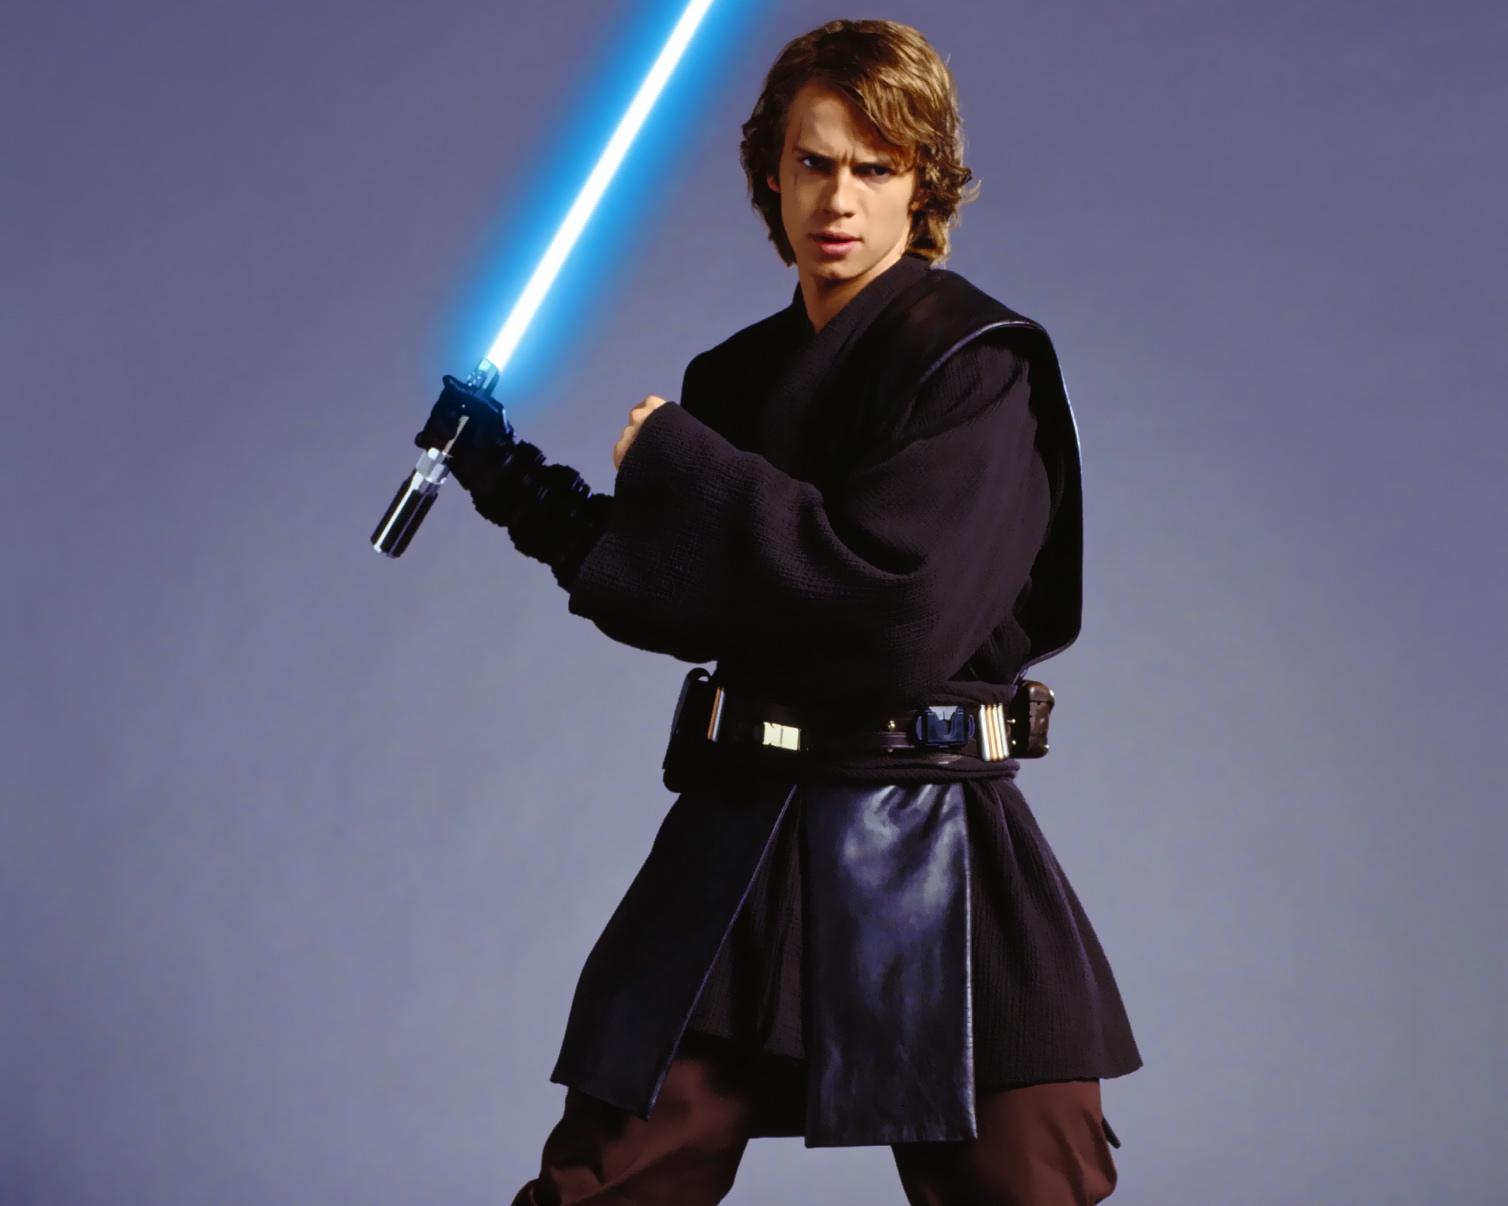 Anakin Skywalker wallpaper   ForWallpapercom 1508x1206